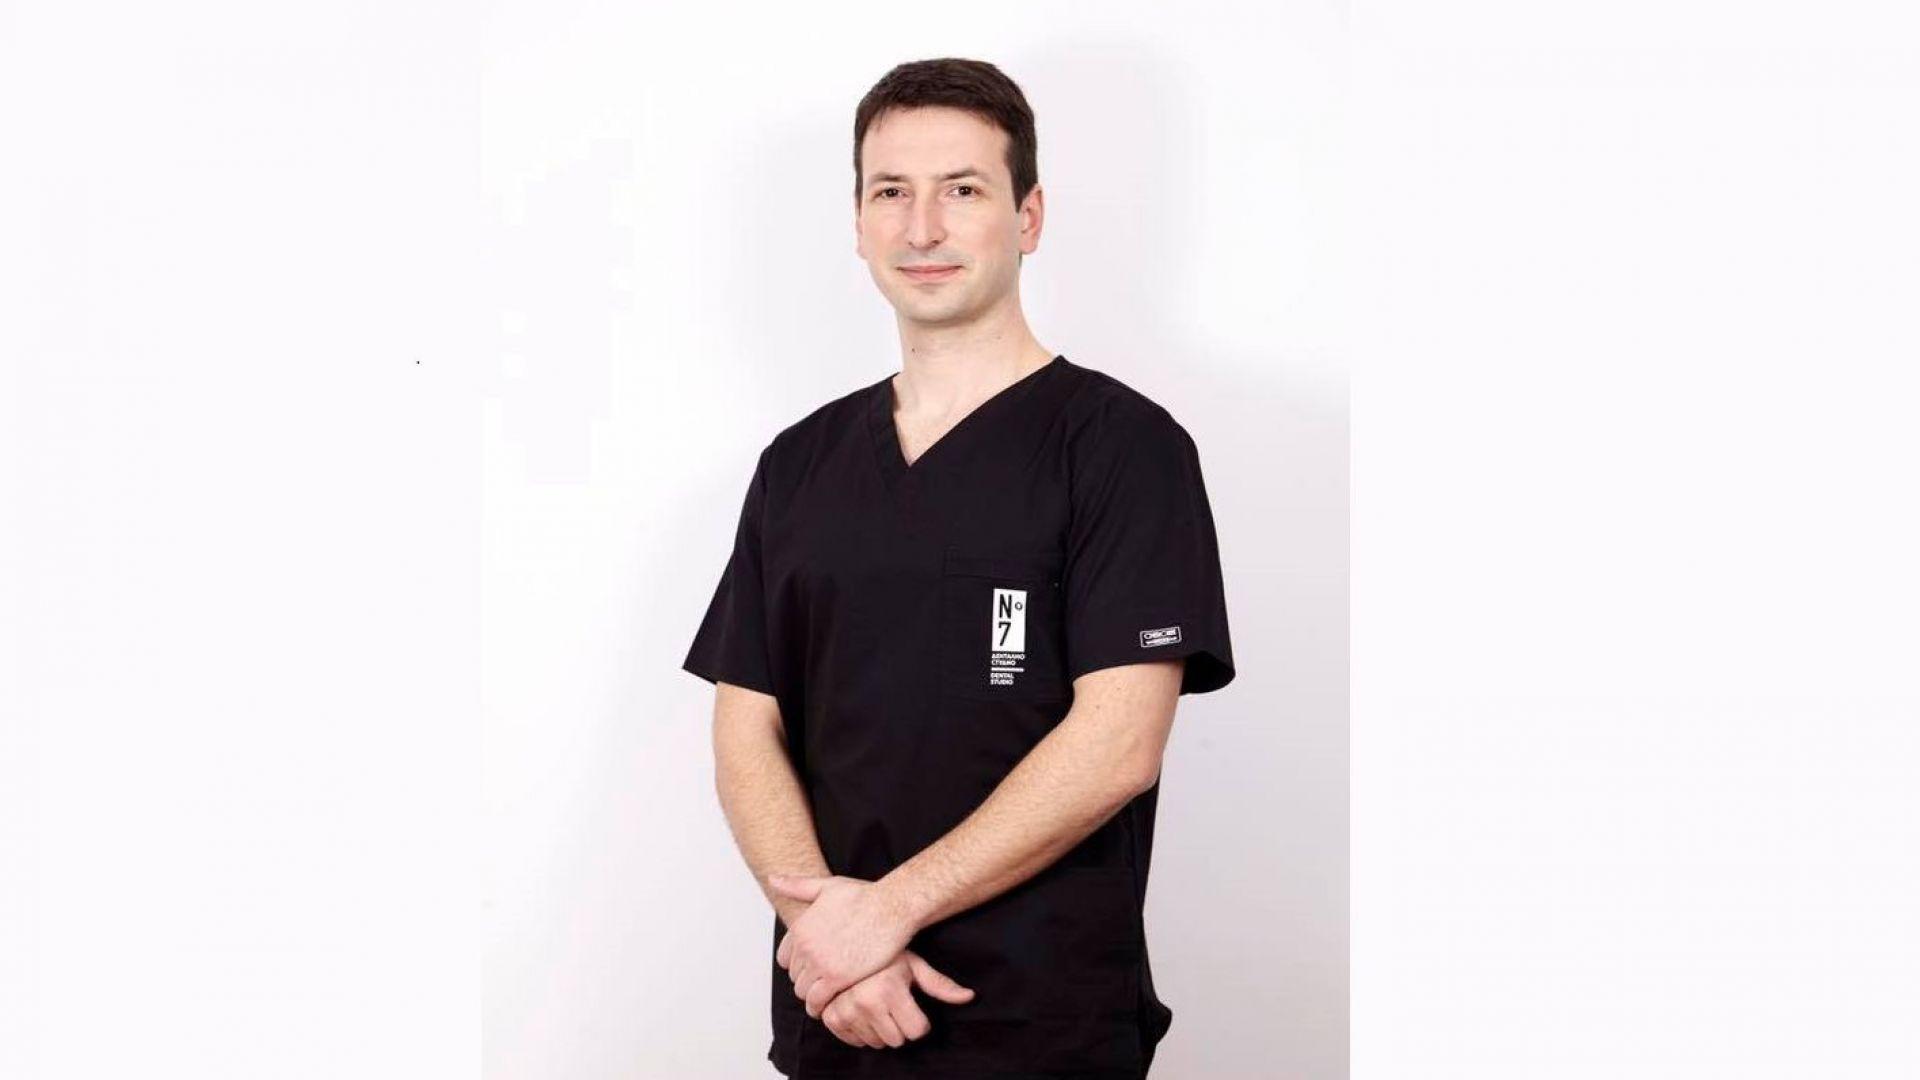 Д-р Иван Станчев: Заведете детето си на стоматолог още с поникването на първите зъби